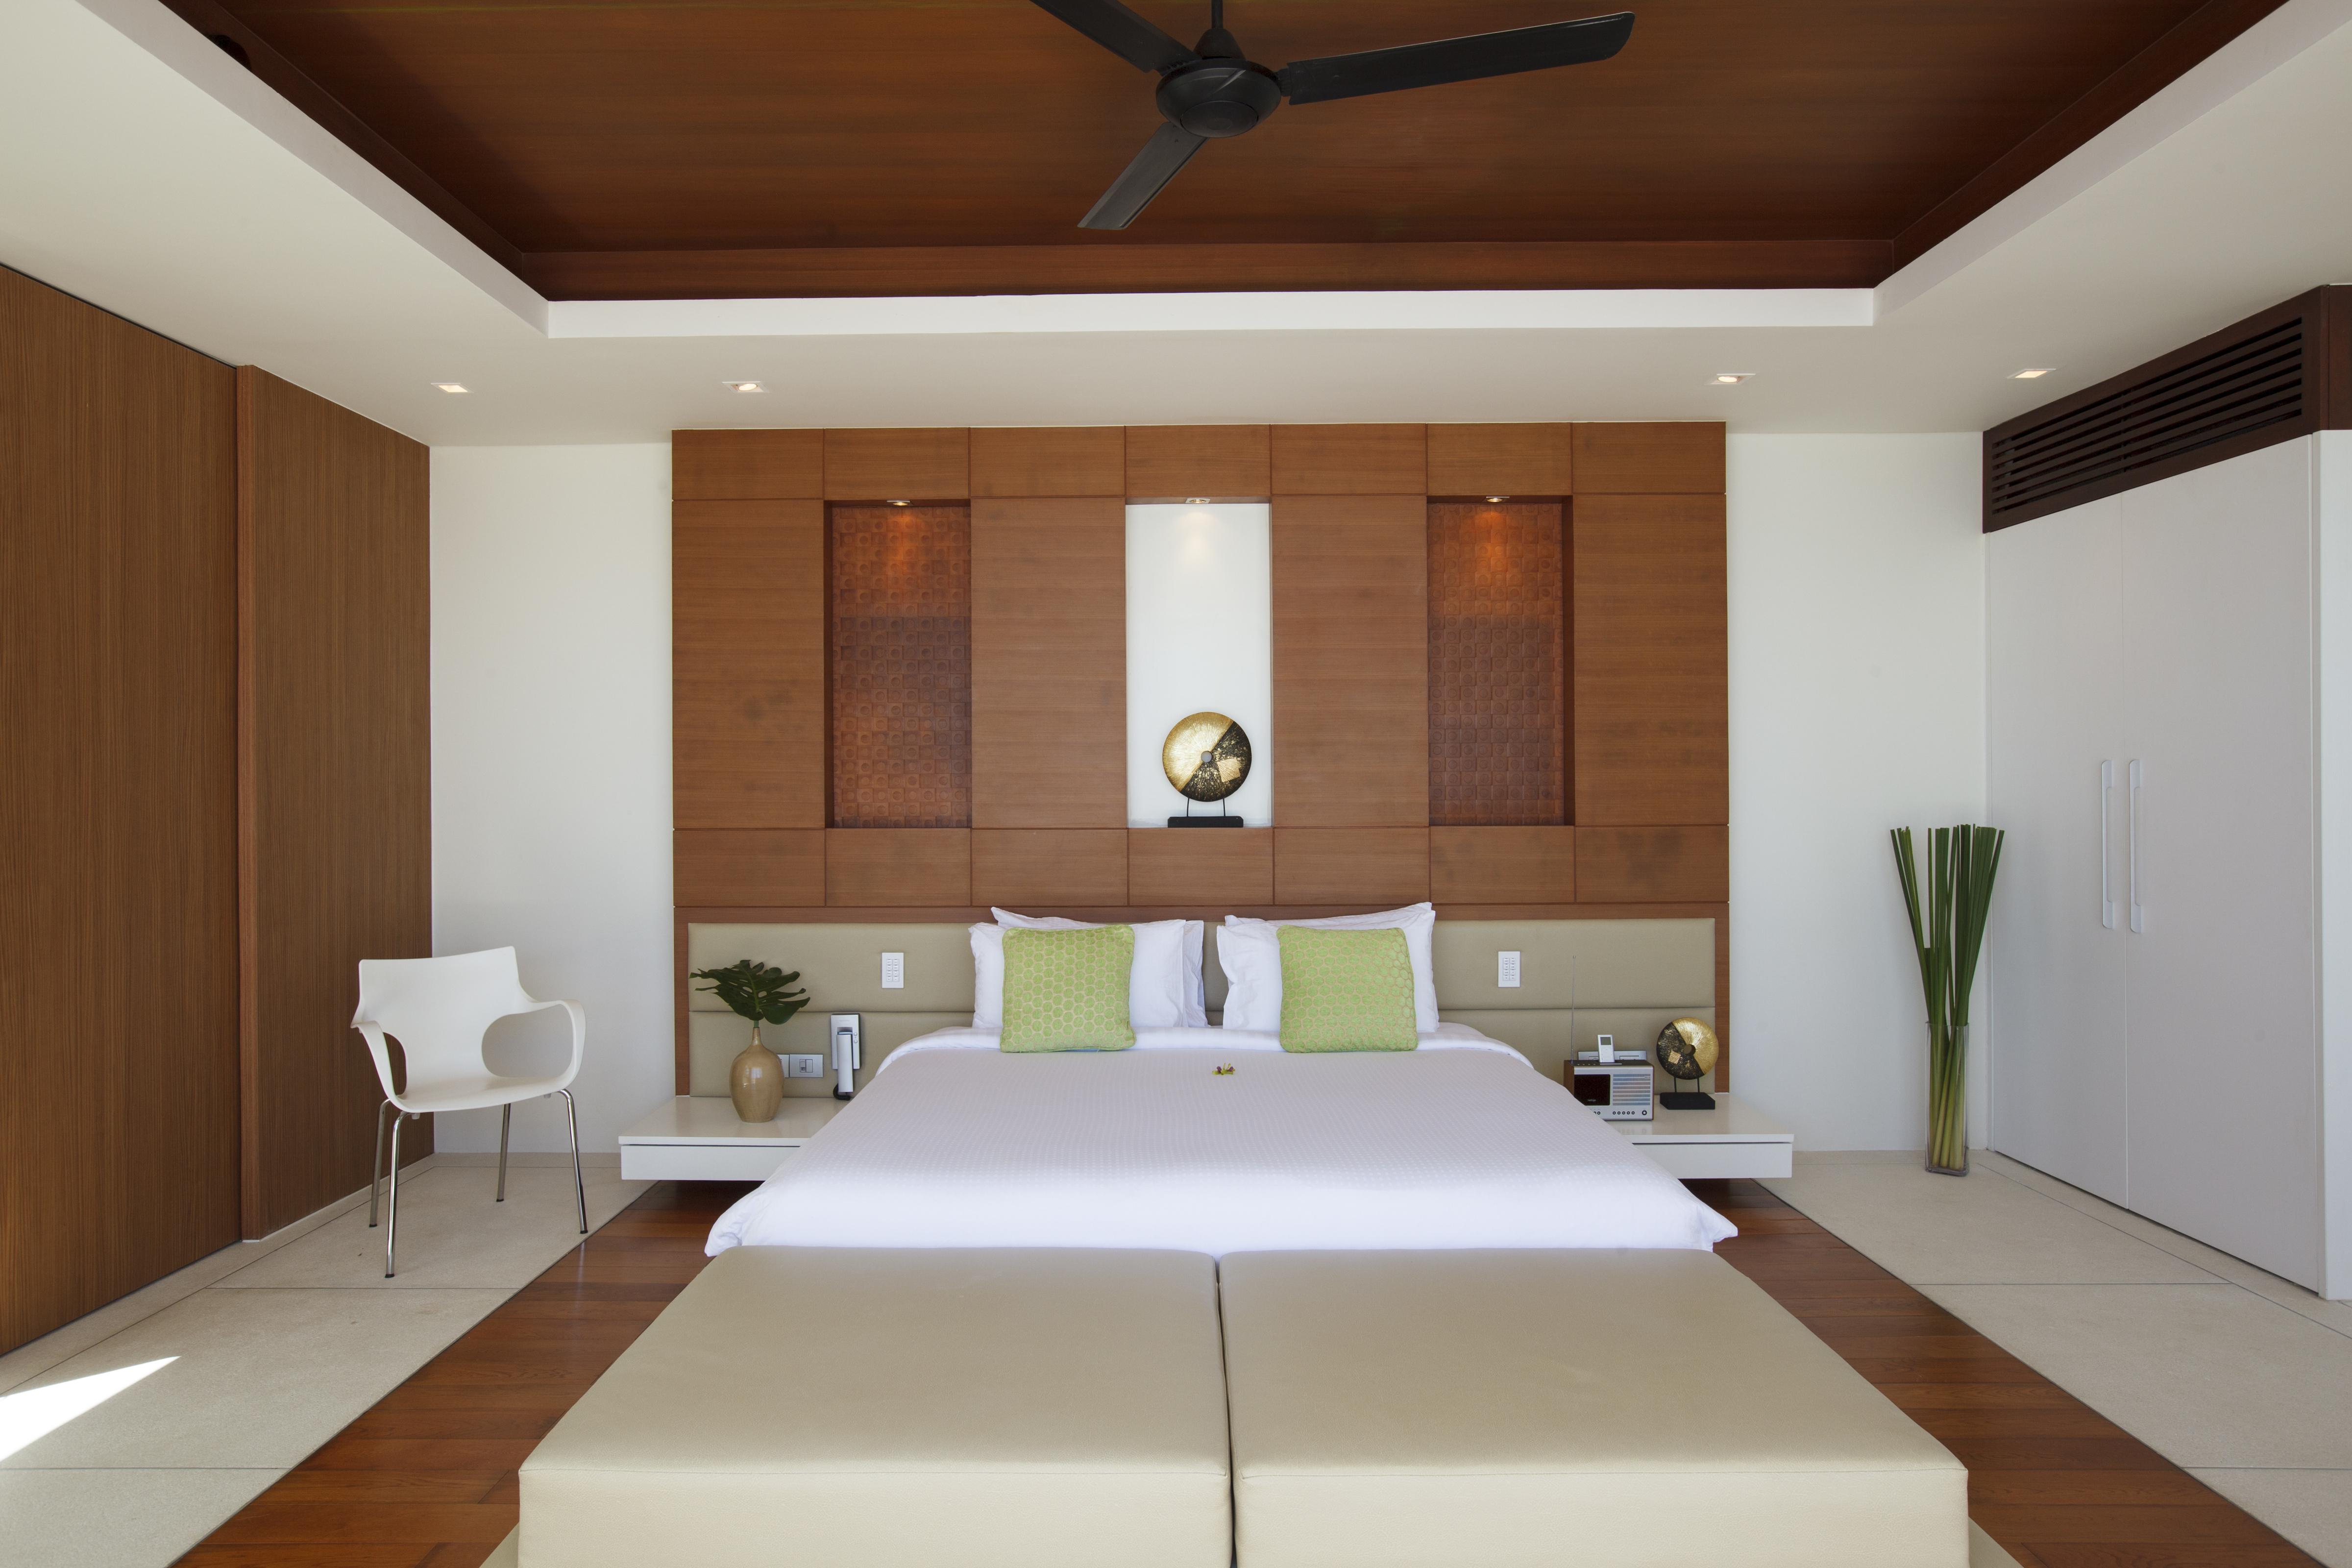 20120812-Bedroom 2-001